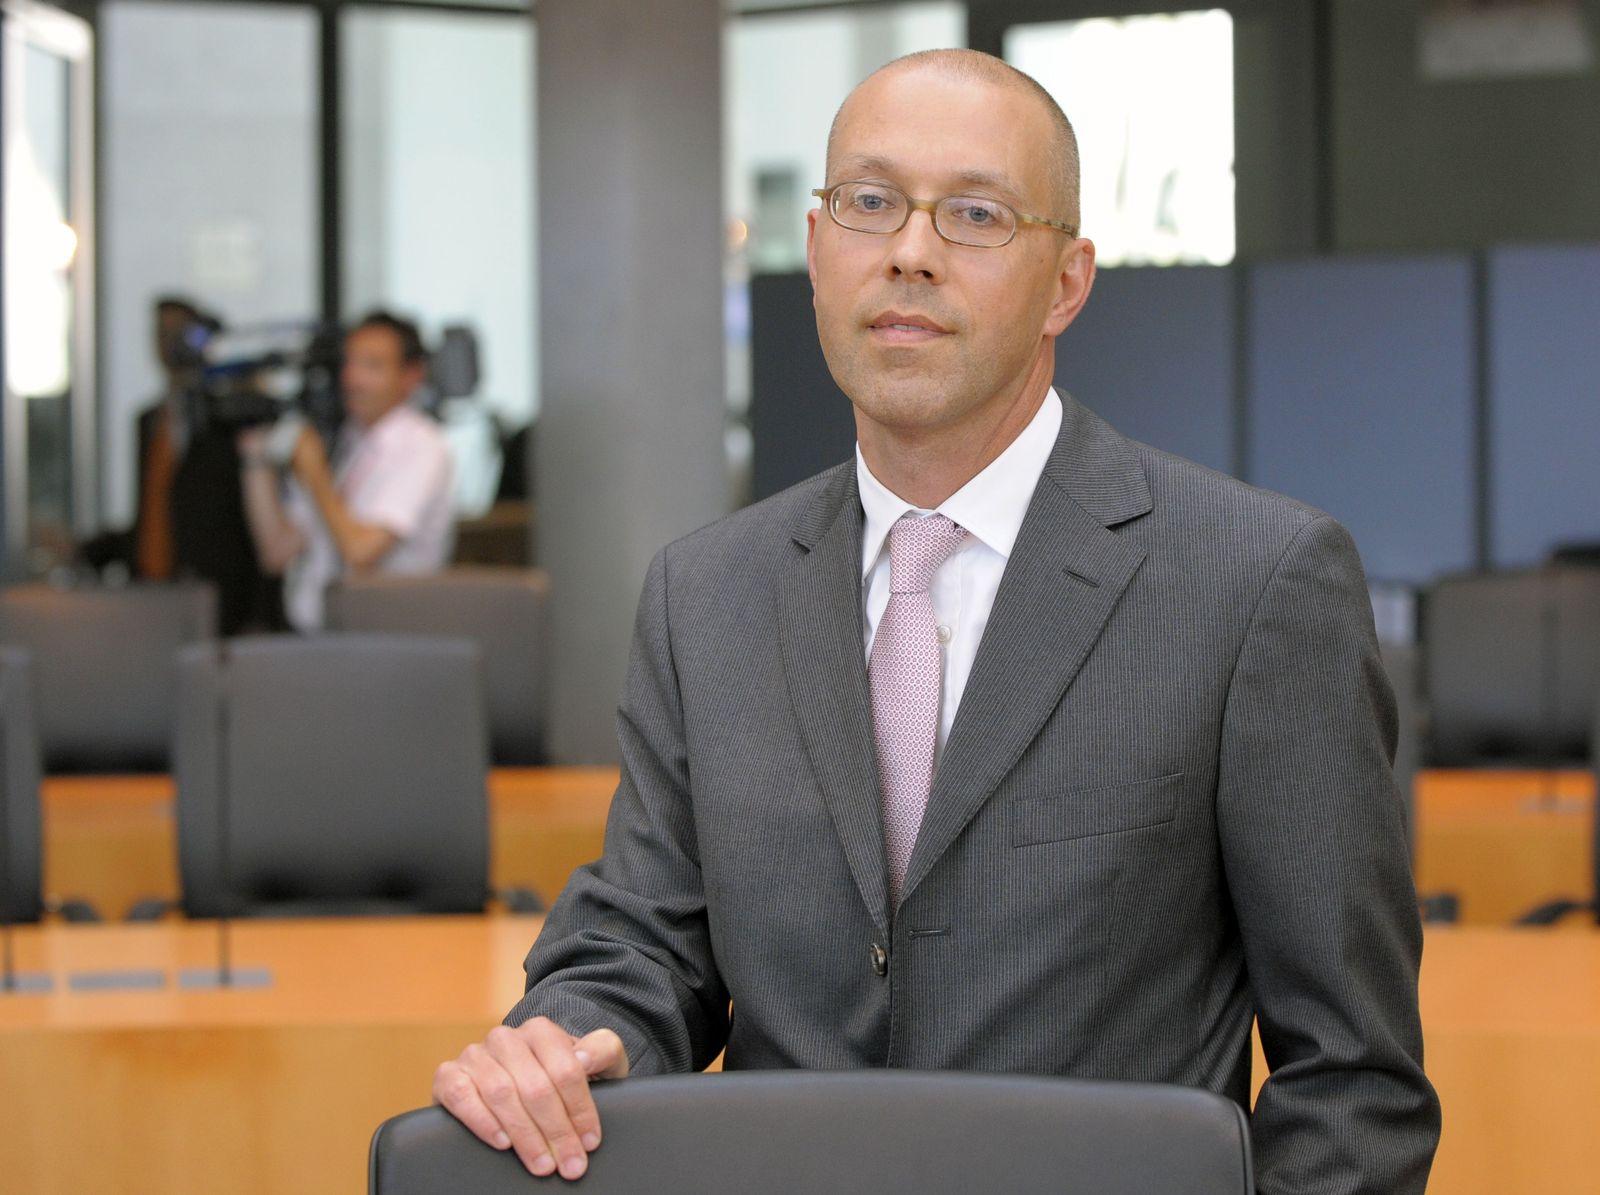 THEMEN Jörg Asmussen